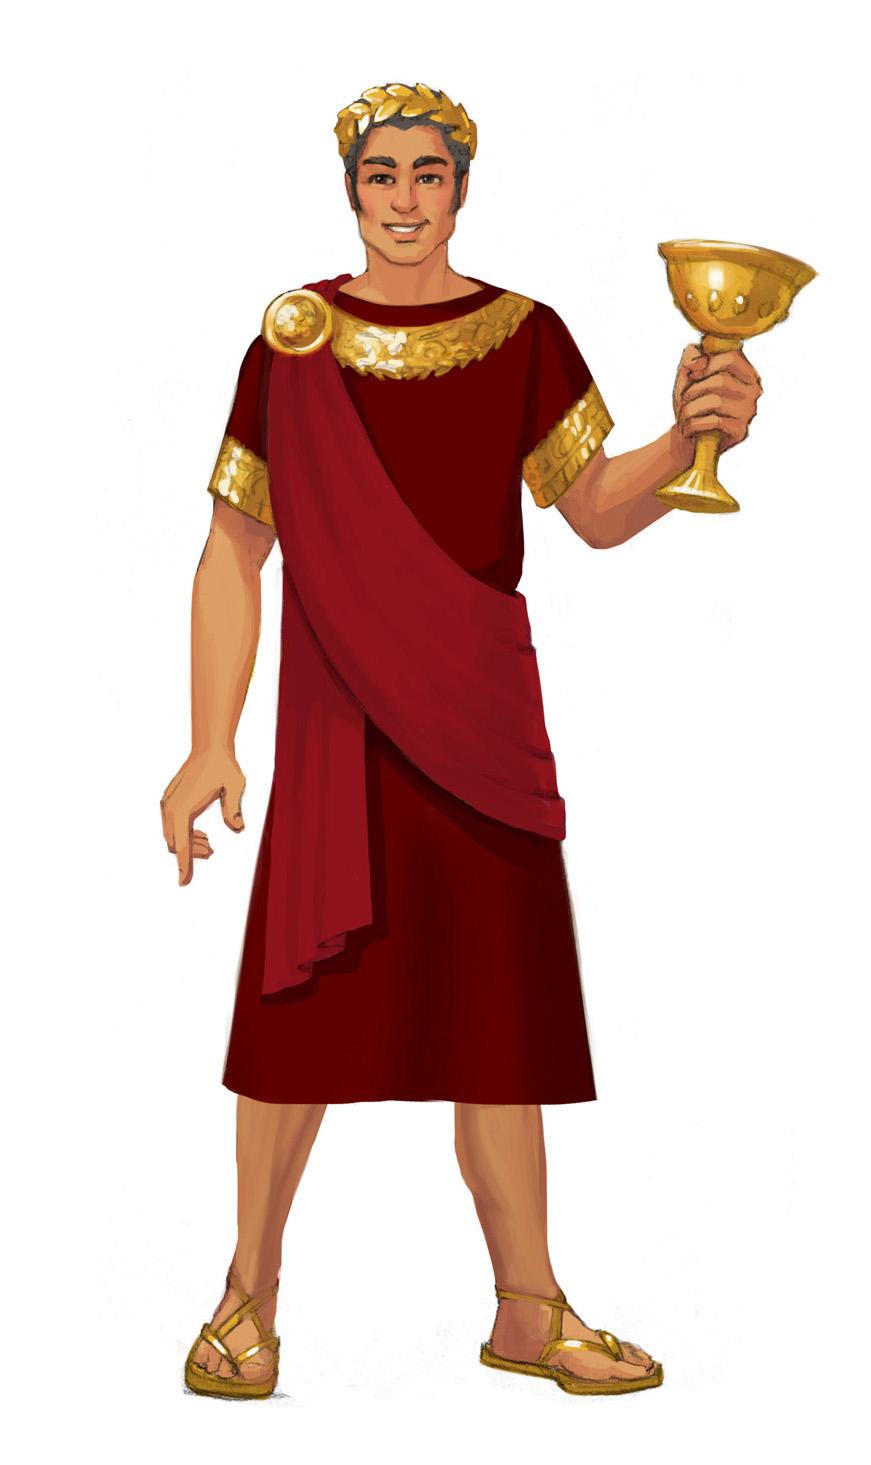 Caesar_DkRed.jpg